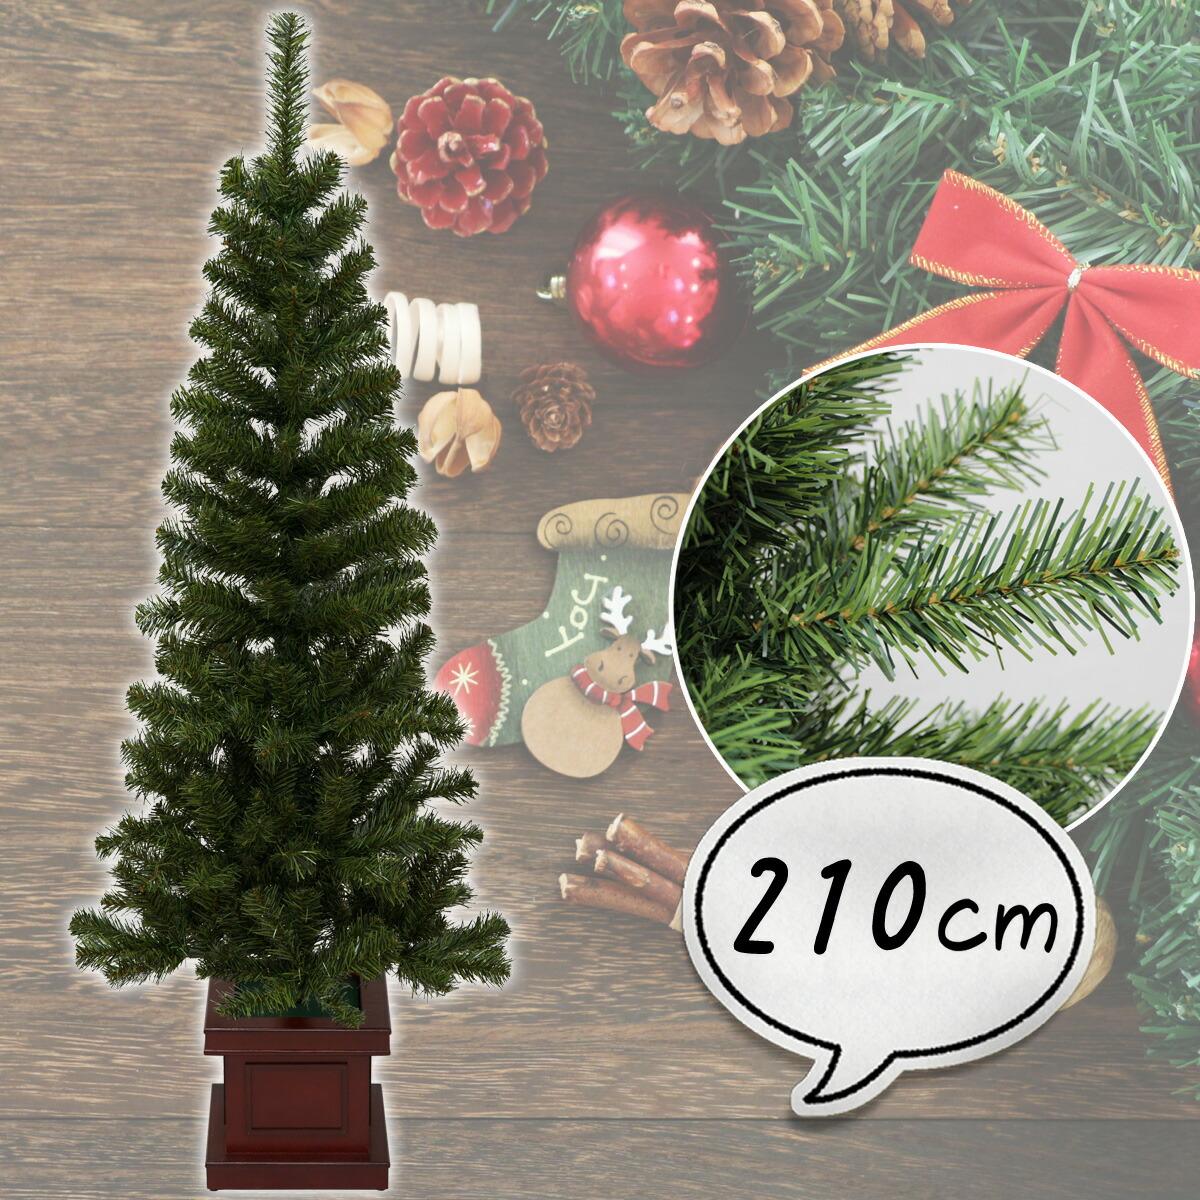 クリスマスツリー 210cm 木製ポットツリー スリム ツリーの木 ポットツリー ウッドベースツリー 北欧 おしゃれ ウッドベース